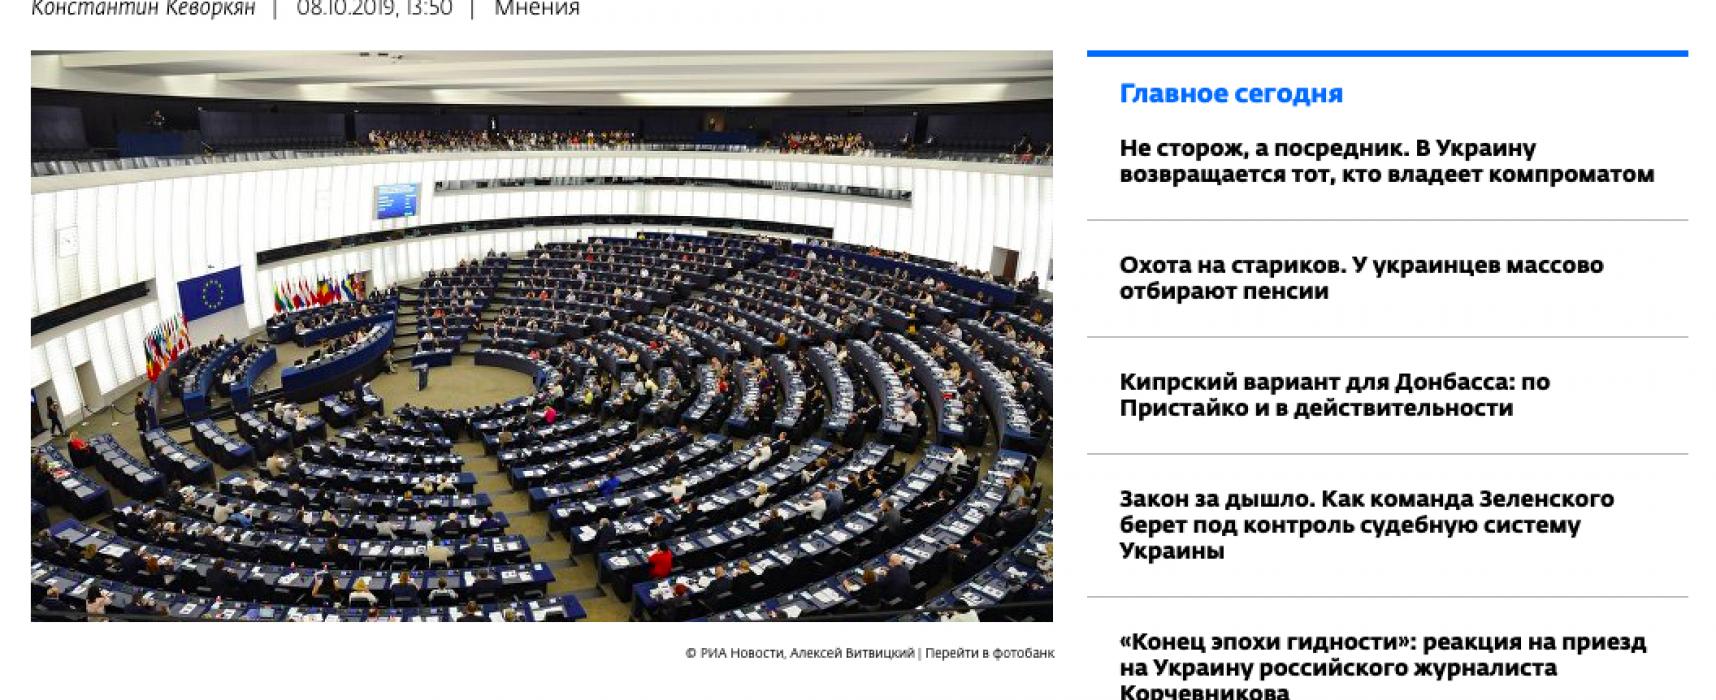 """Fake: EU-Parlament verurteilt Ukraine wegen sowjetischer Verbrechen als """"Straftäter"""""""